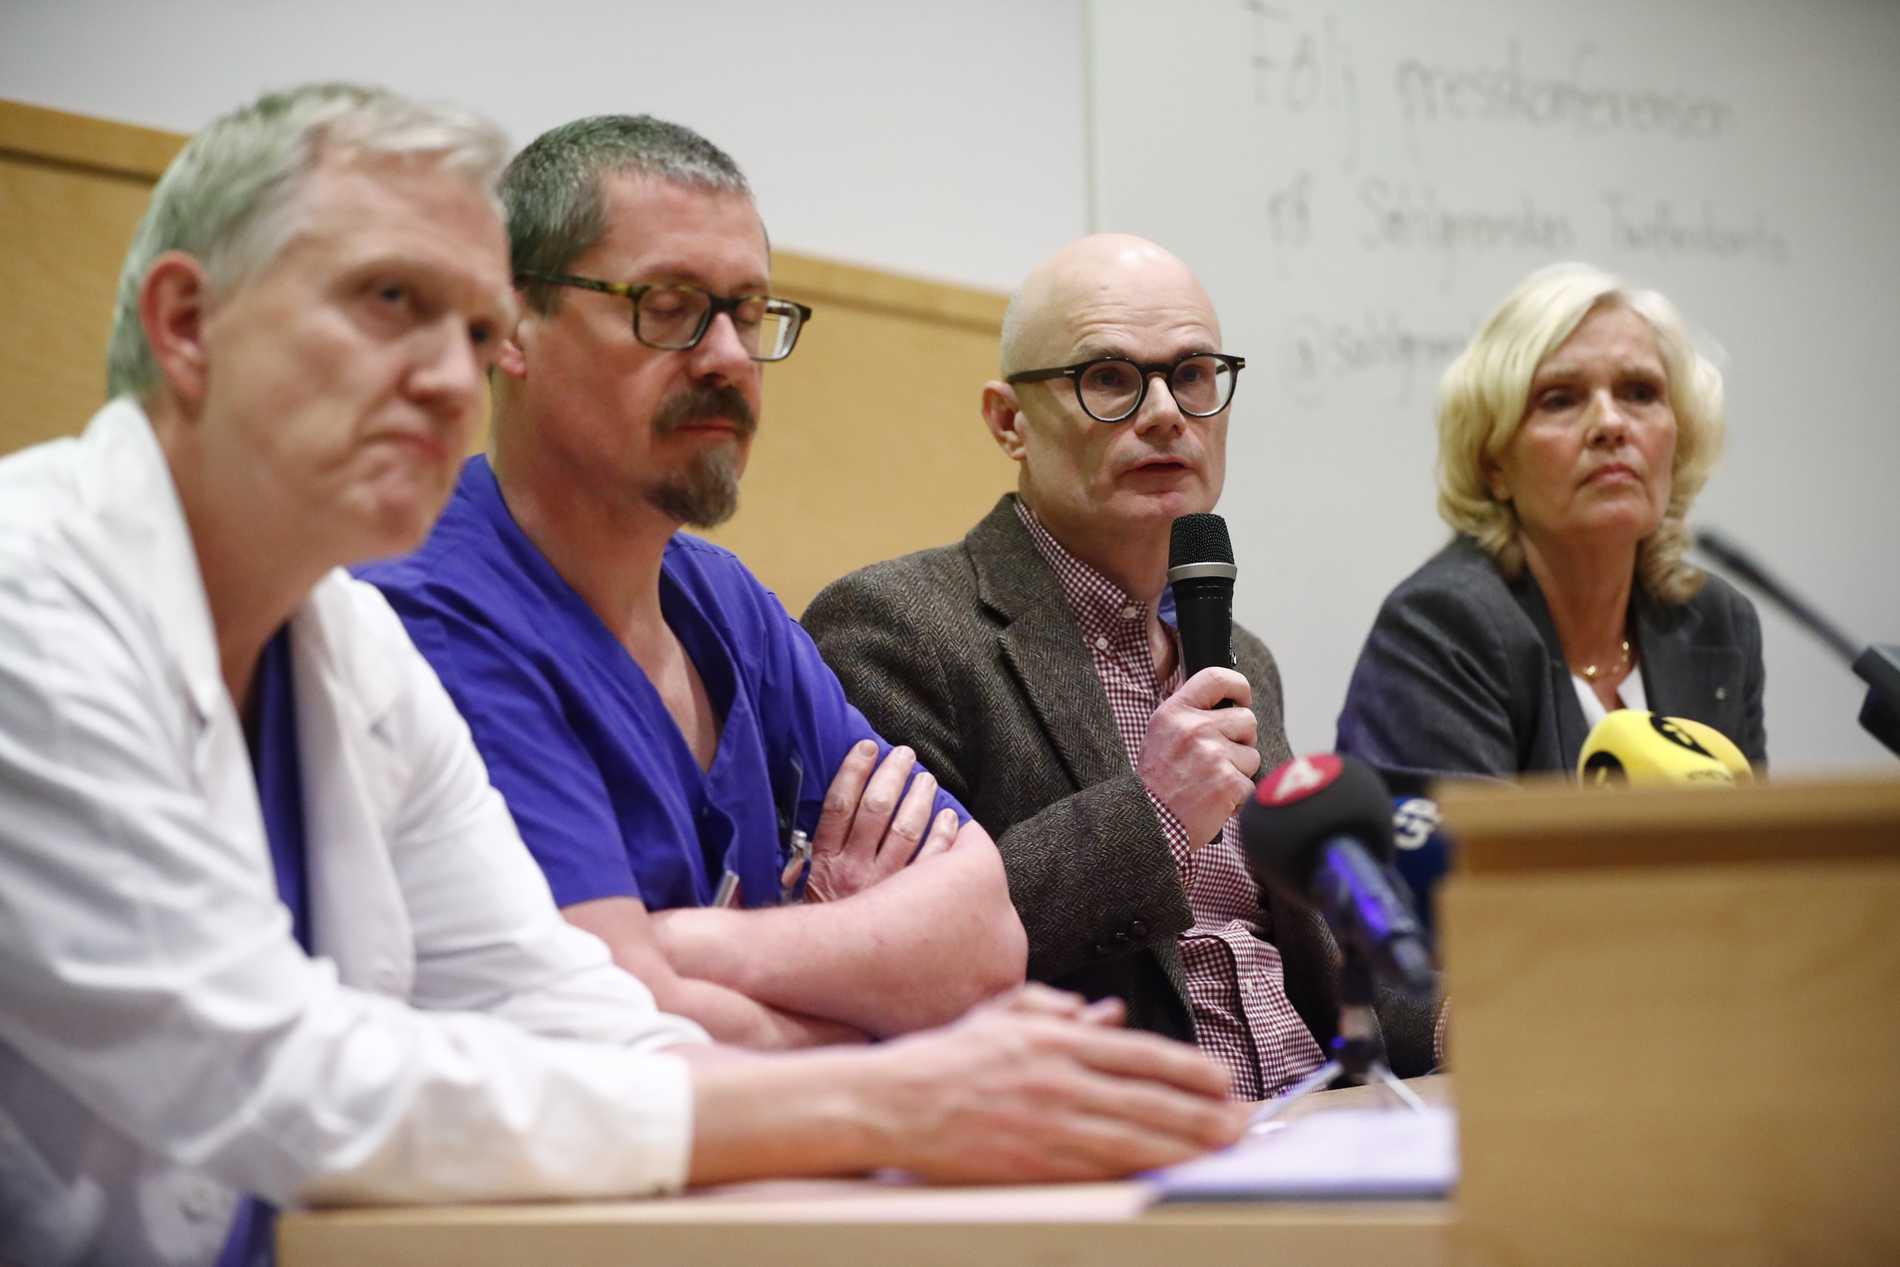 Segersviten bröts senast för Linköping Universitet